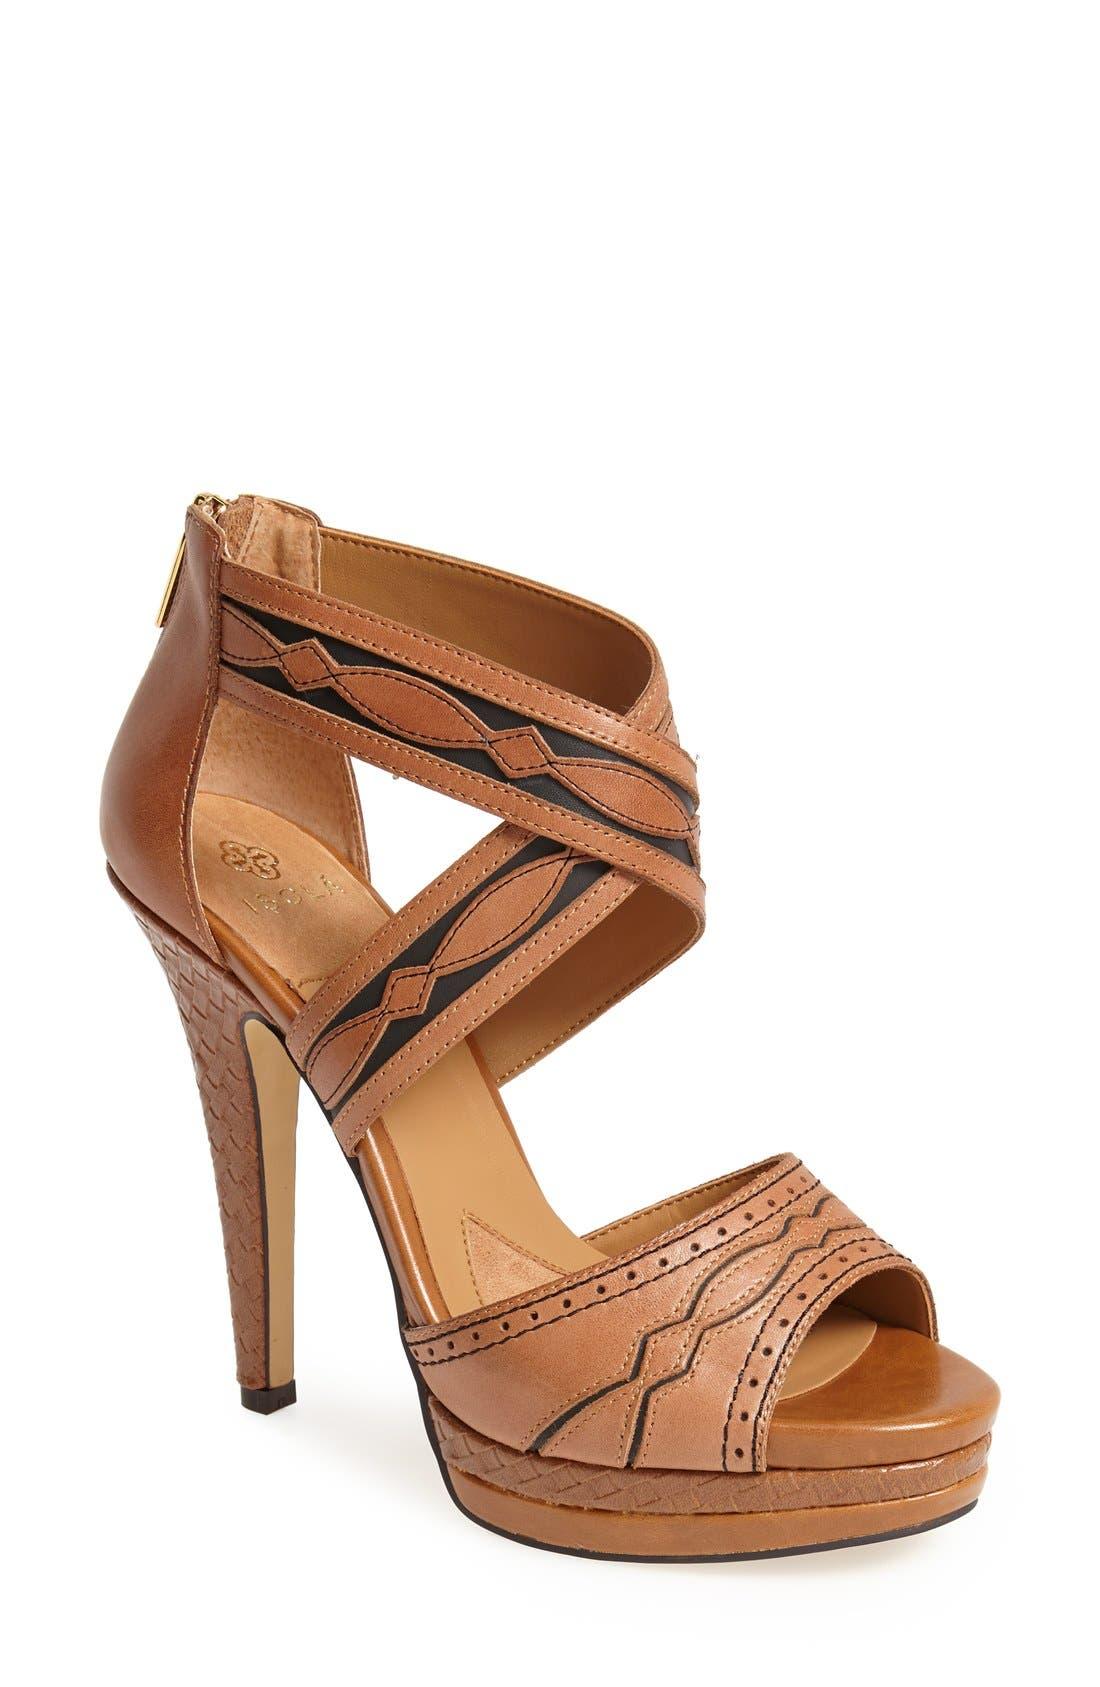 Main Image - Isolá 'Dallon' Platform Sandal (Women)